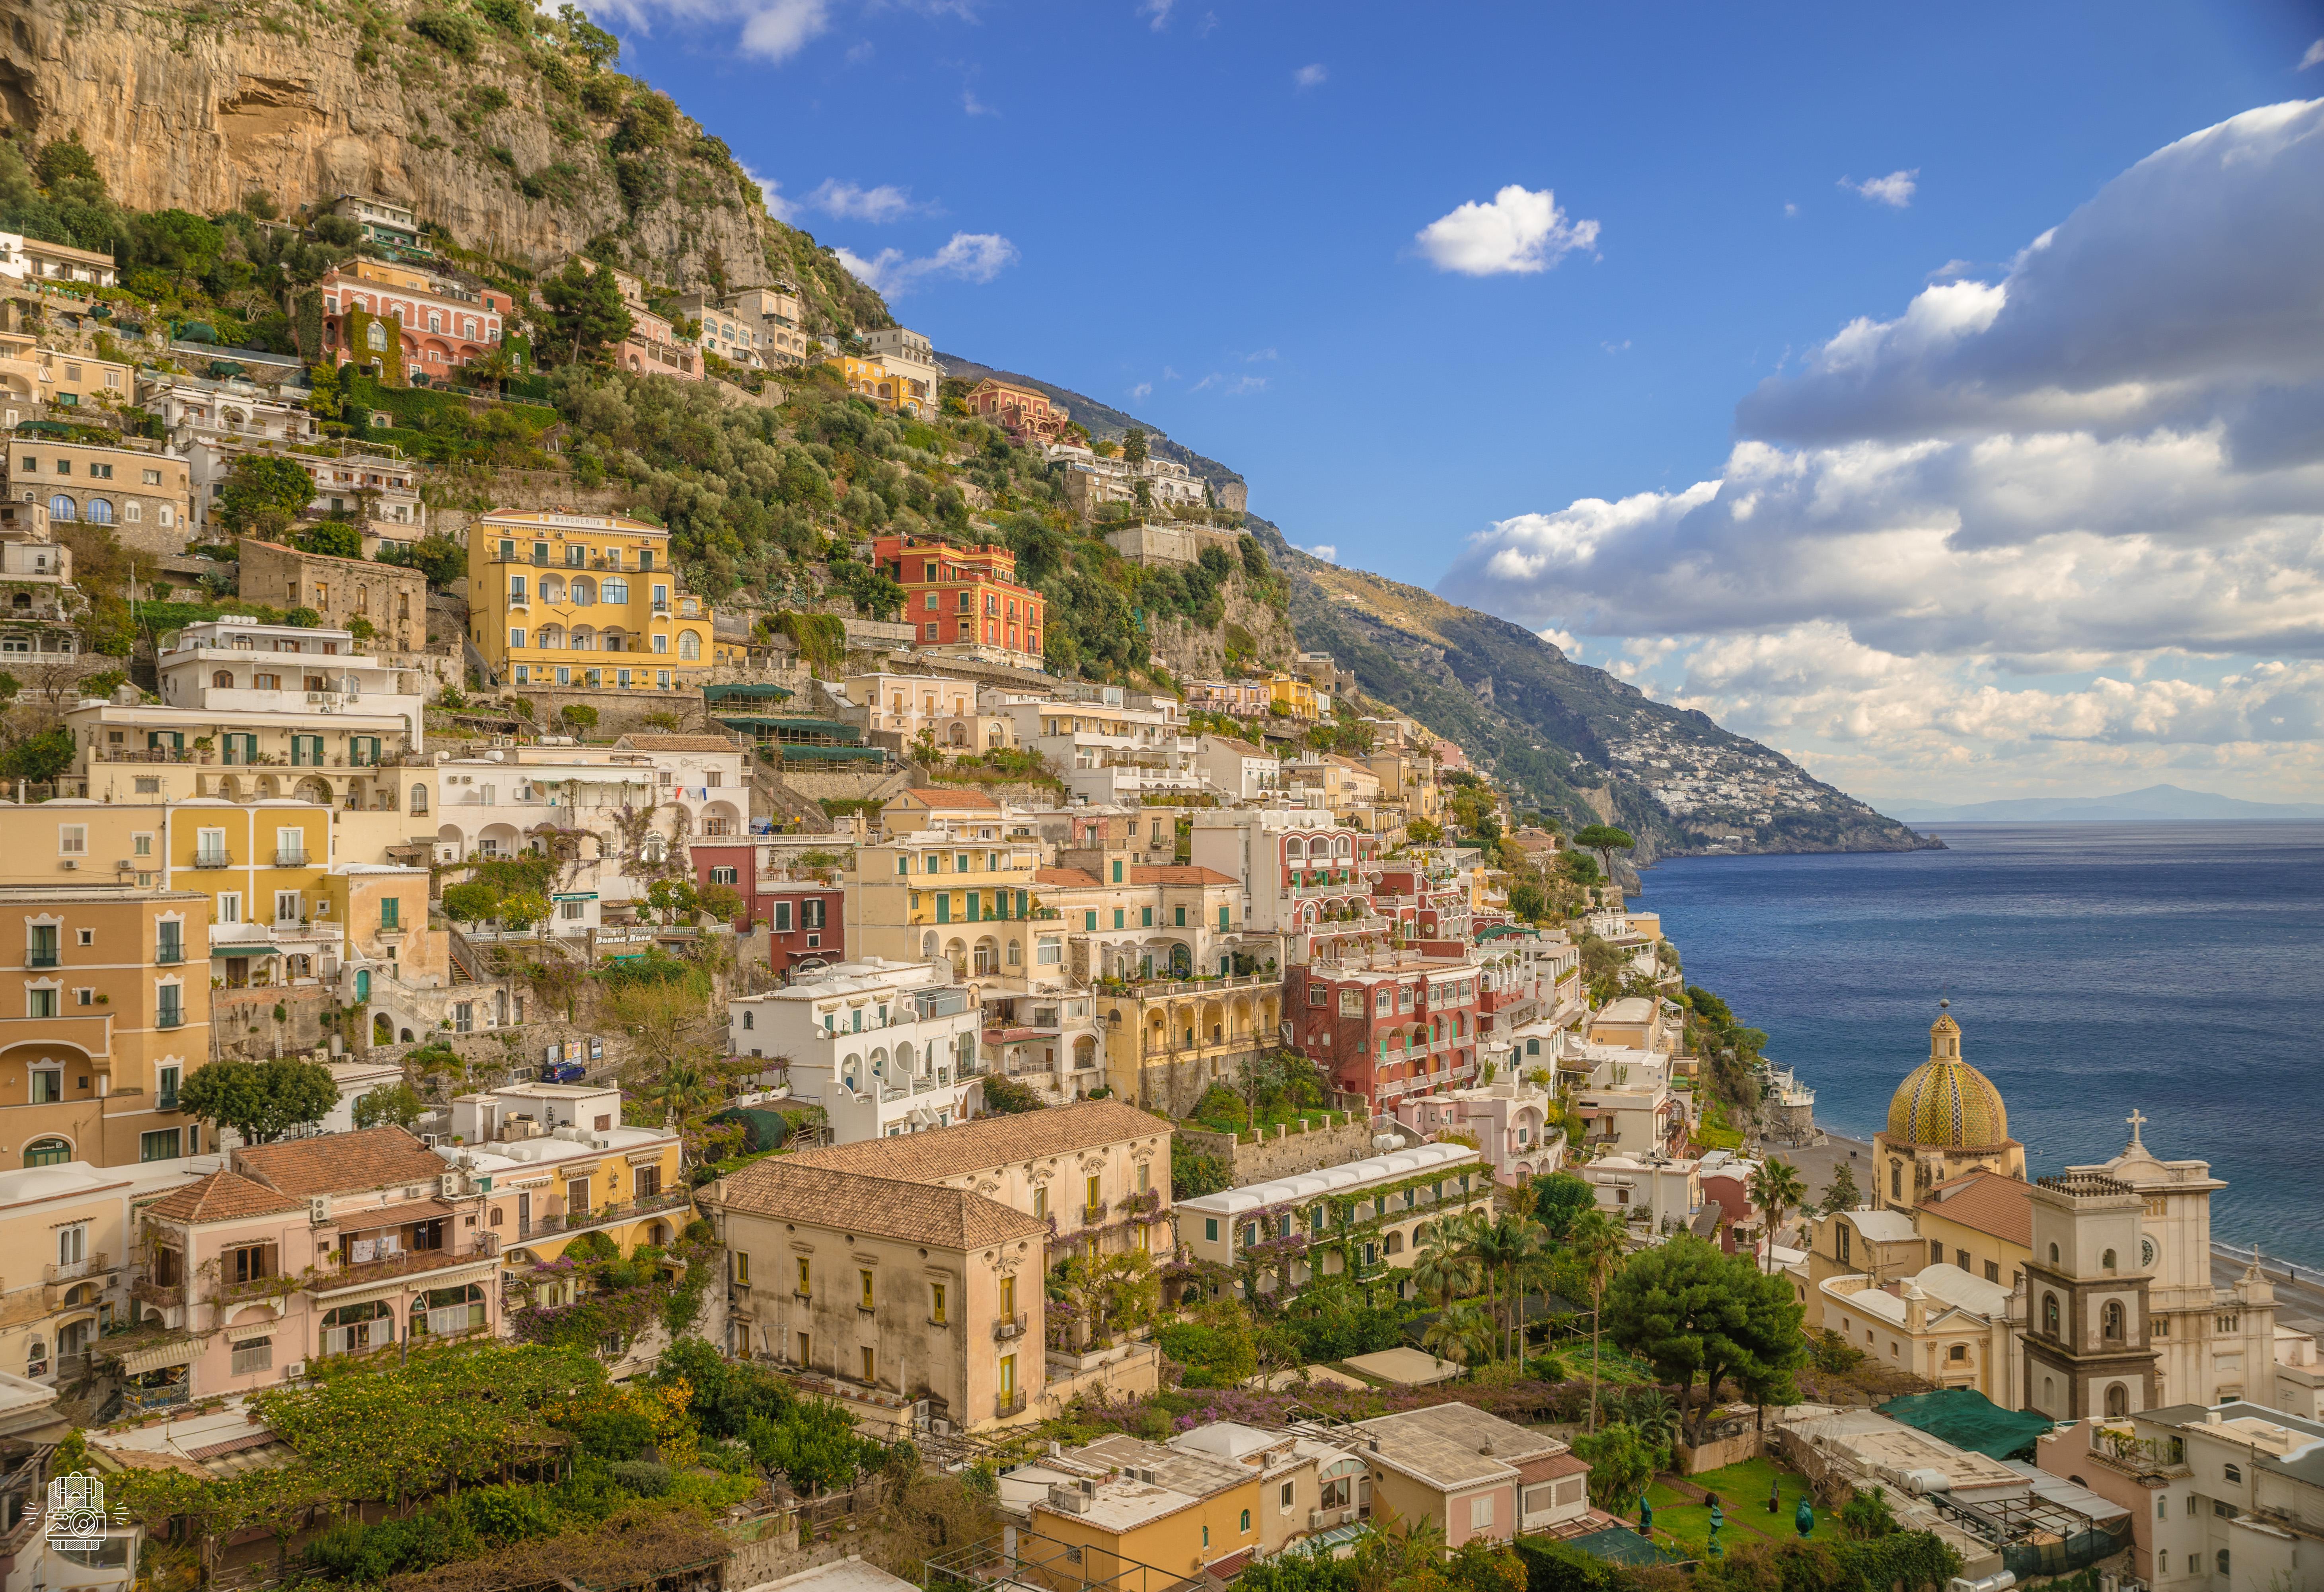 Italie/Positano